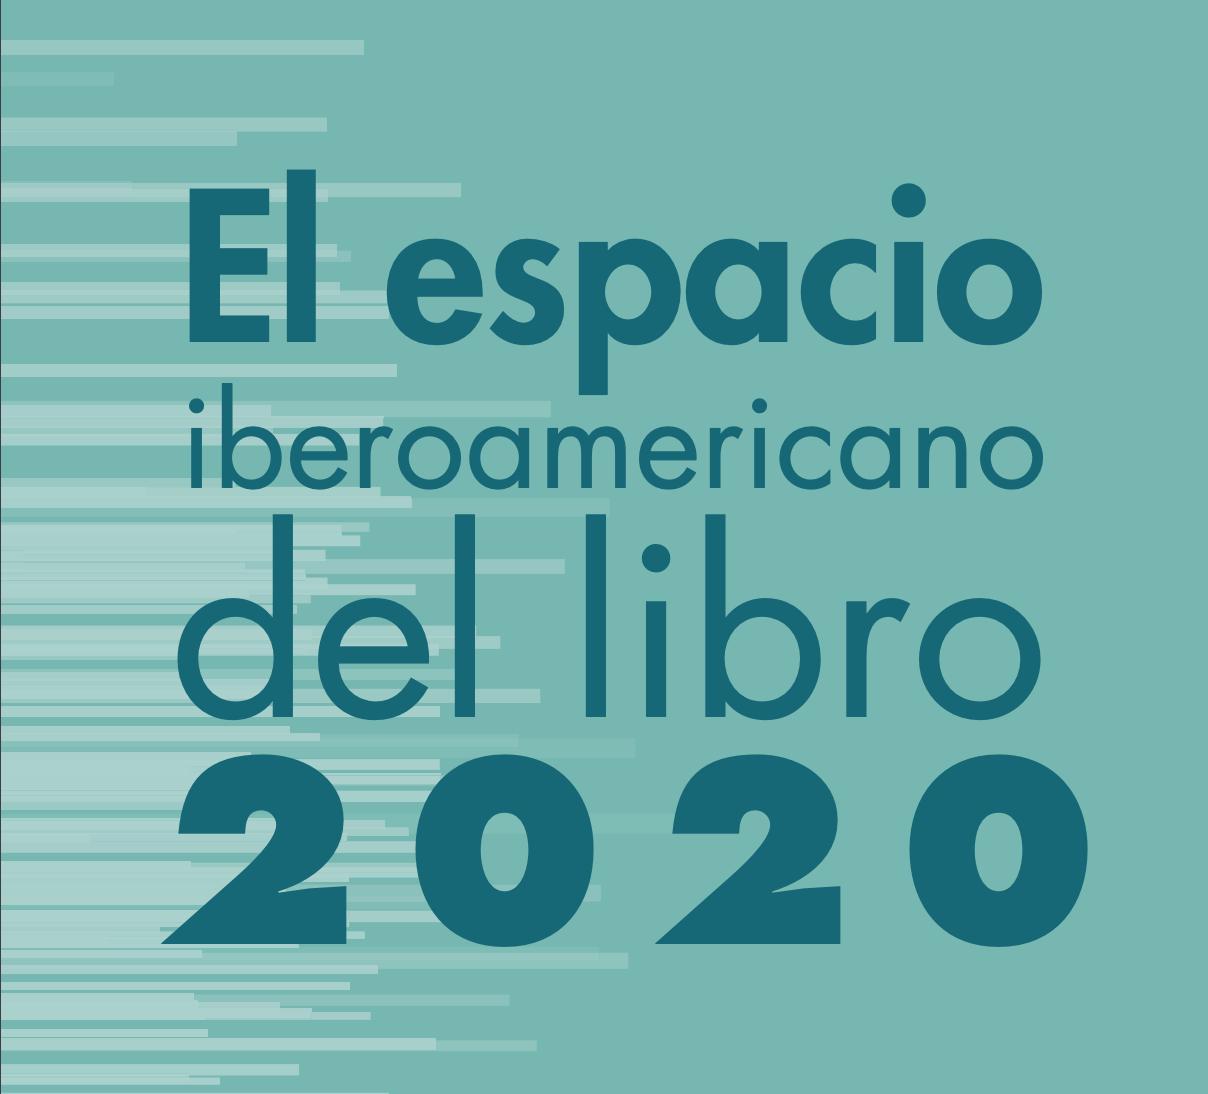 El espacio iberoamericano del libro 2020